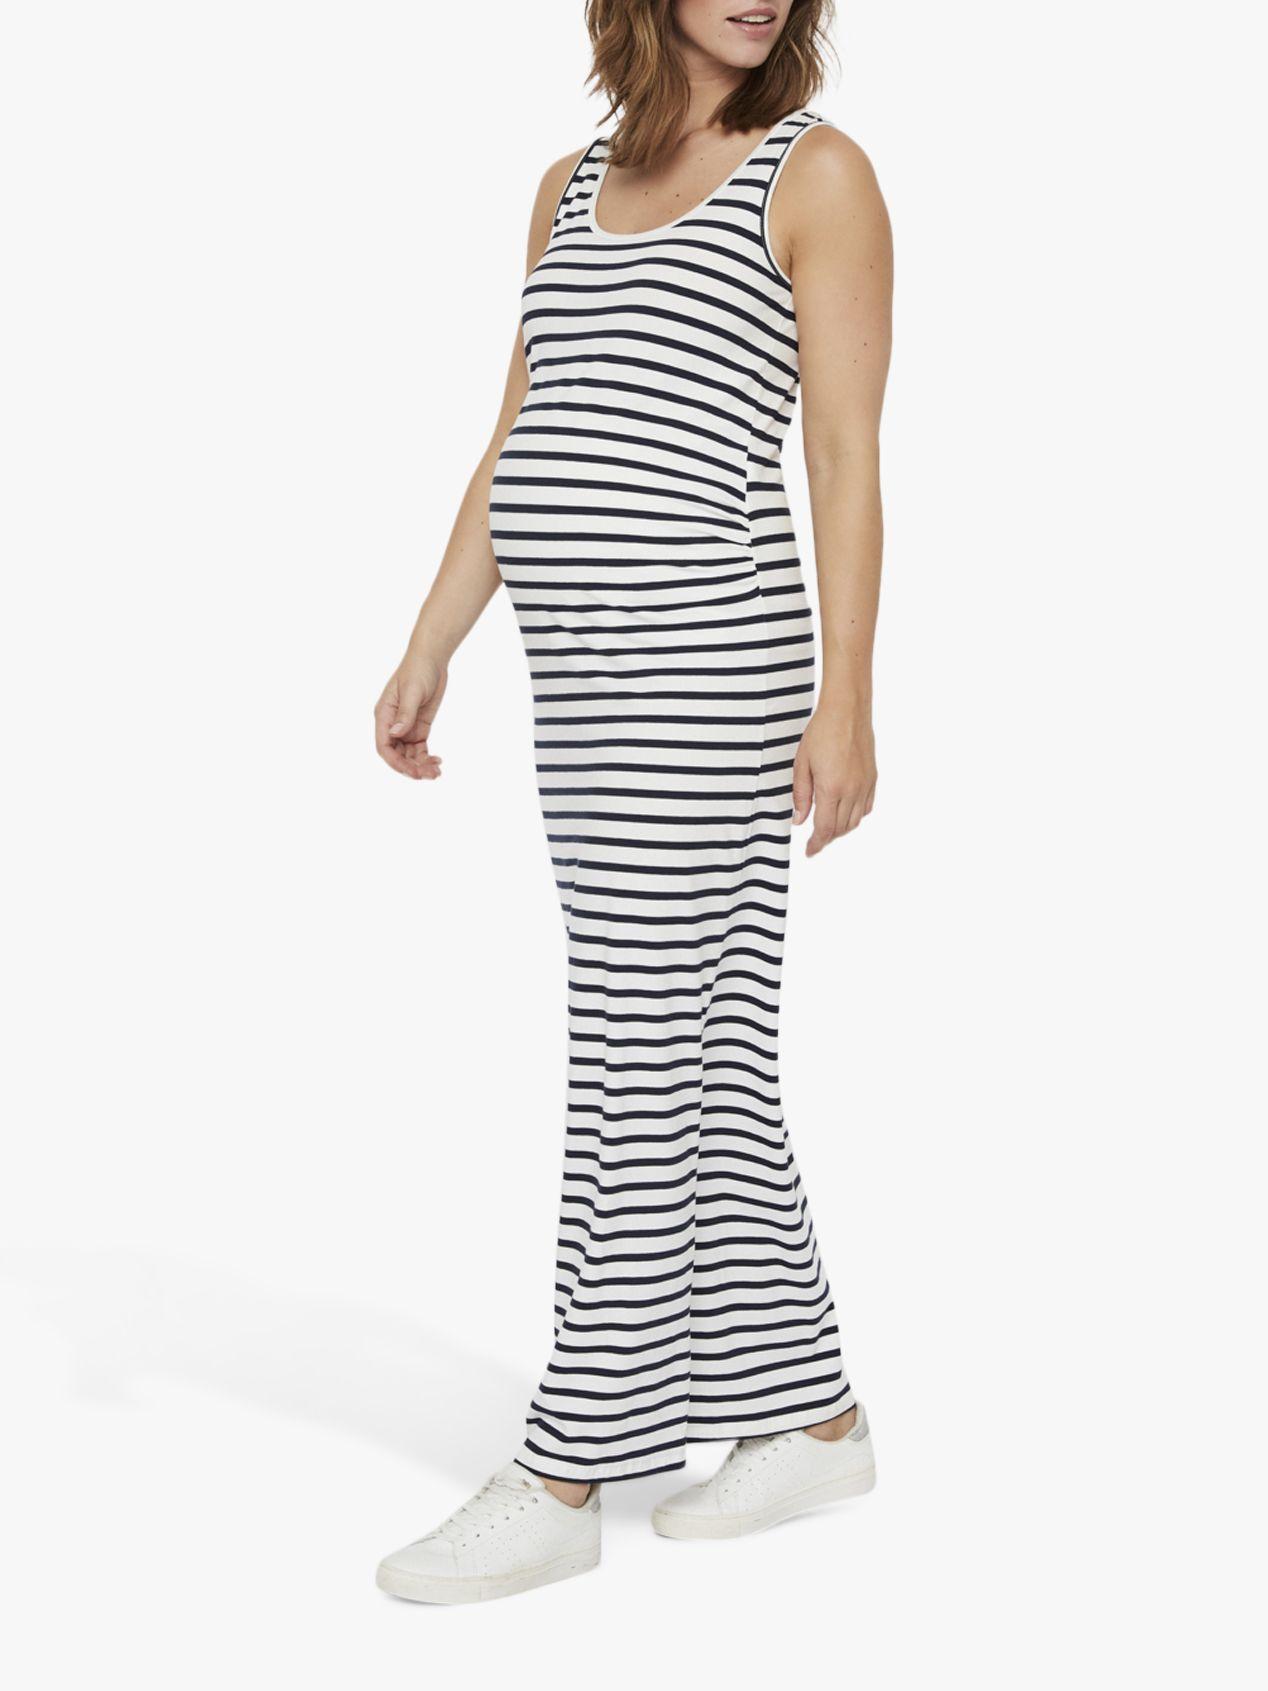 Mamalicious Mamalicious Lea Organic Cotton Stripe Maternity Dress, Multi